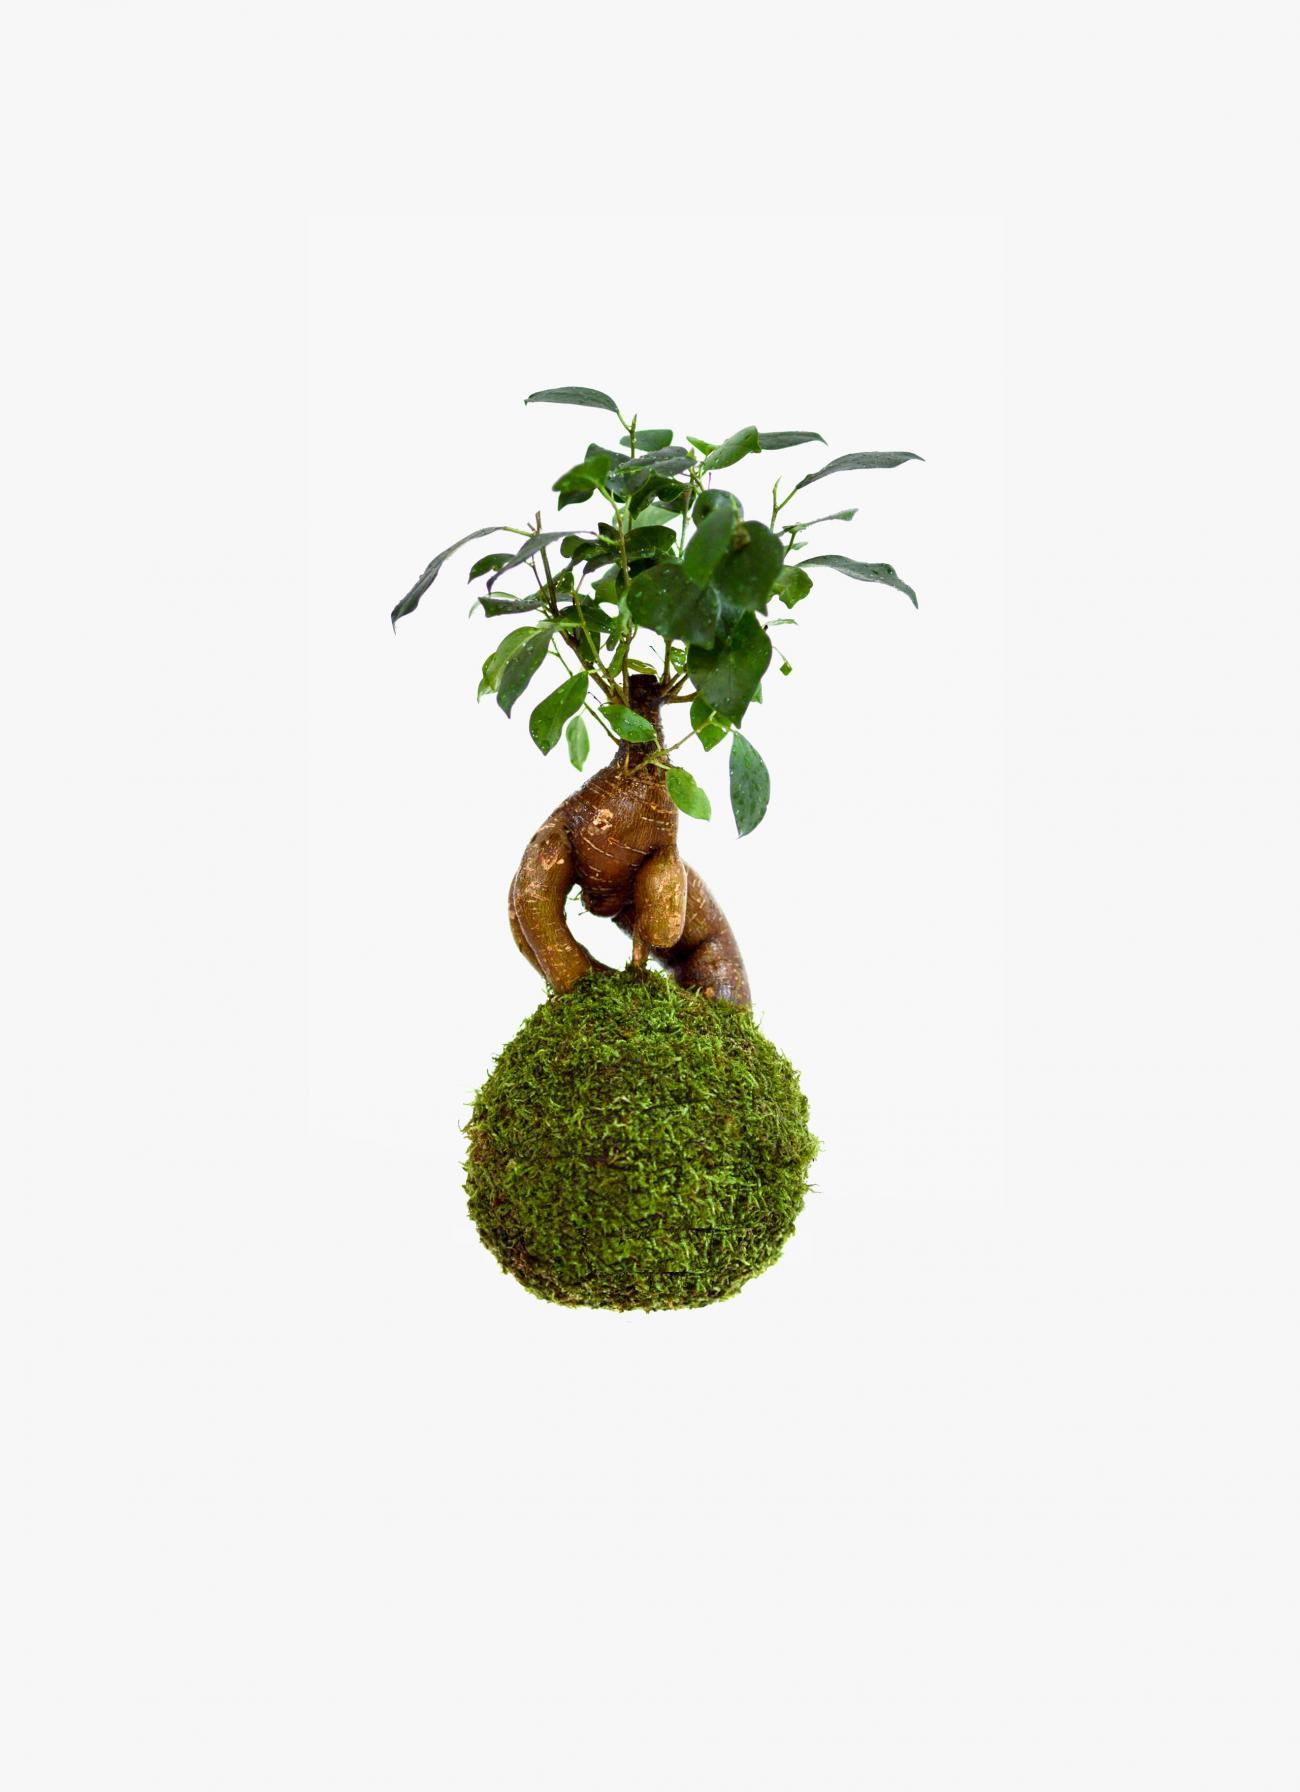 Petite Planete - Kokedama - Ginseng Ficus Bonsai